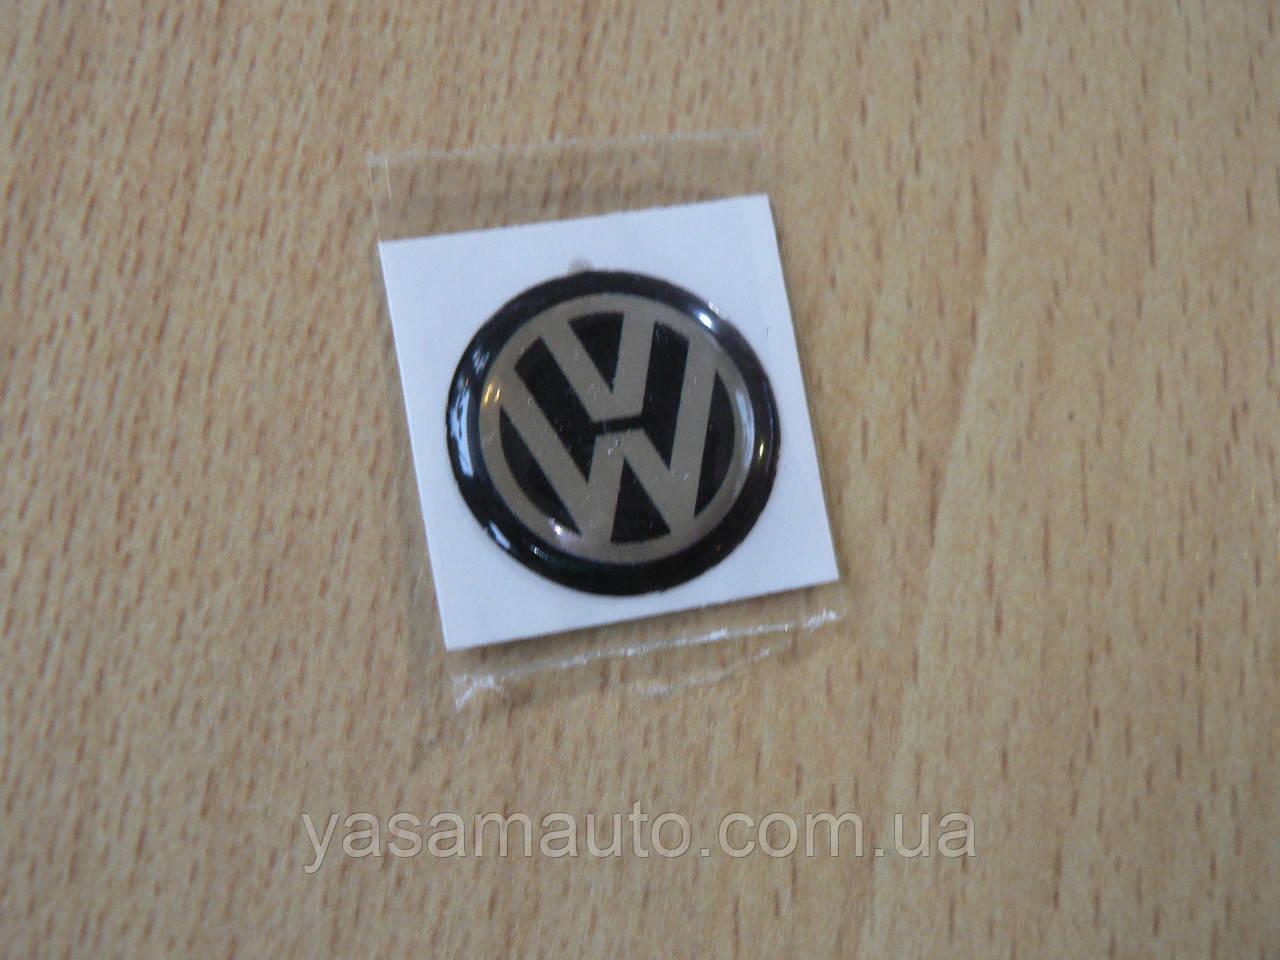 Наклейка s круглая Volkswagen 20х20х1.2мм черный фон силиконовая эмблема бренд в круге на авто Волксваген